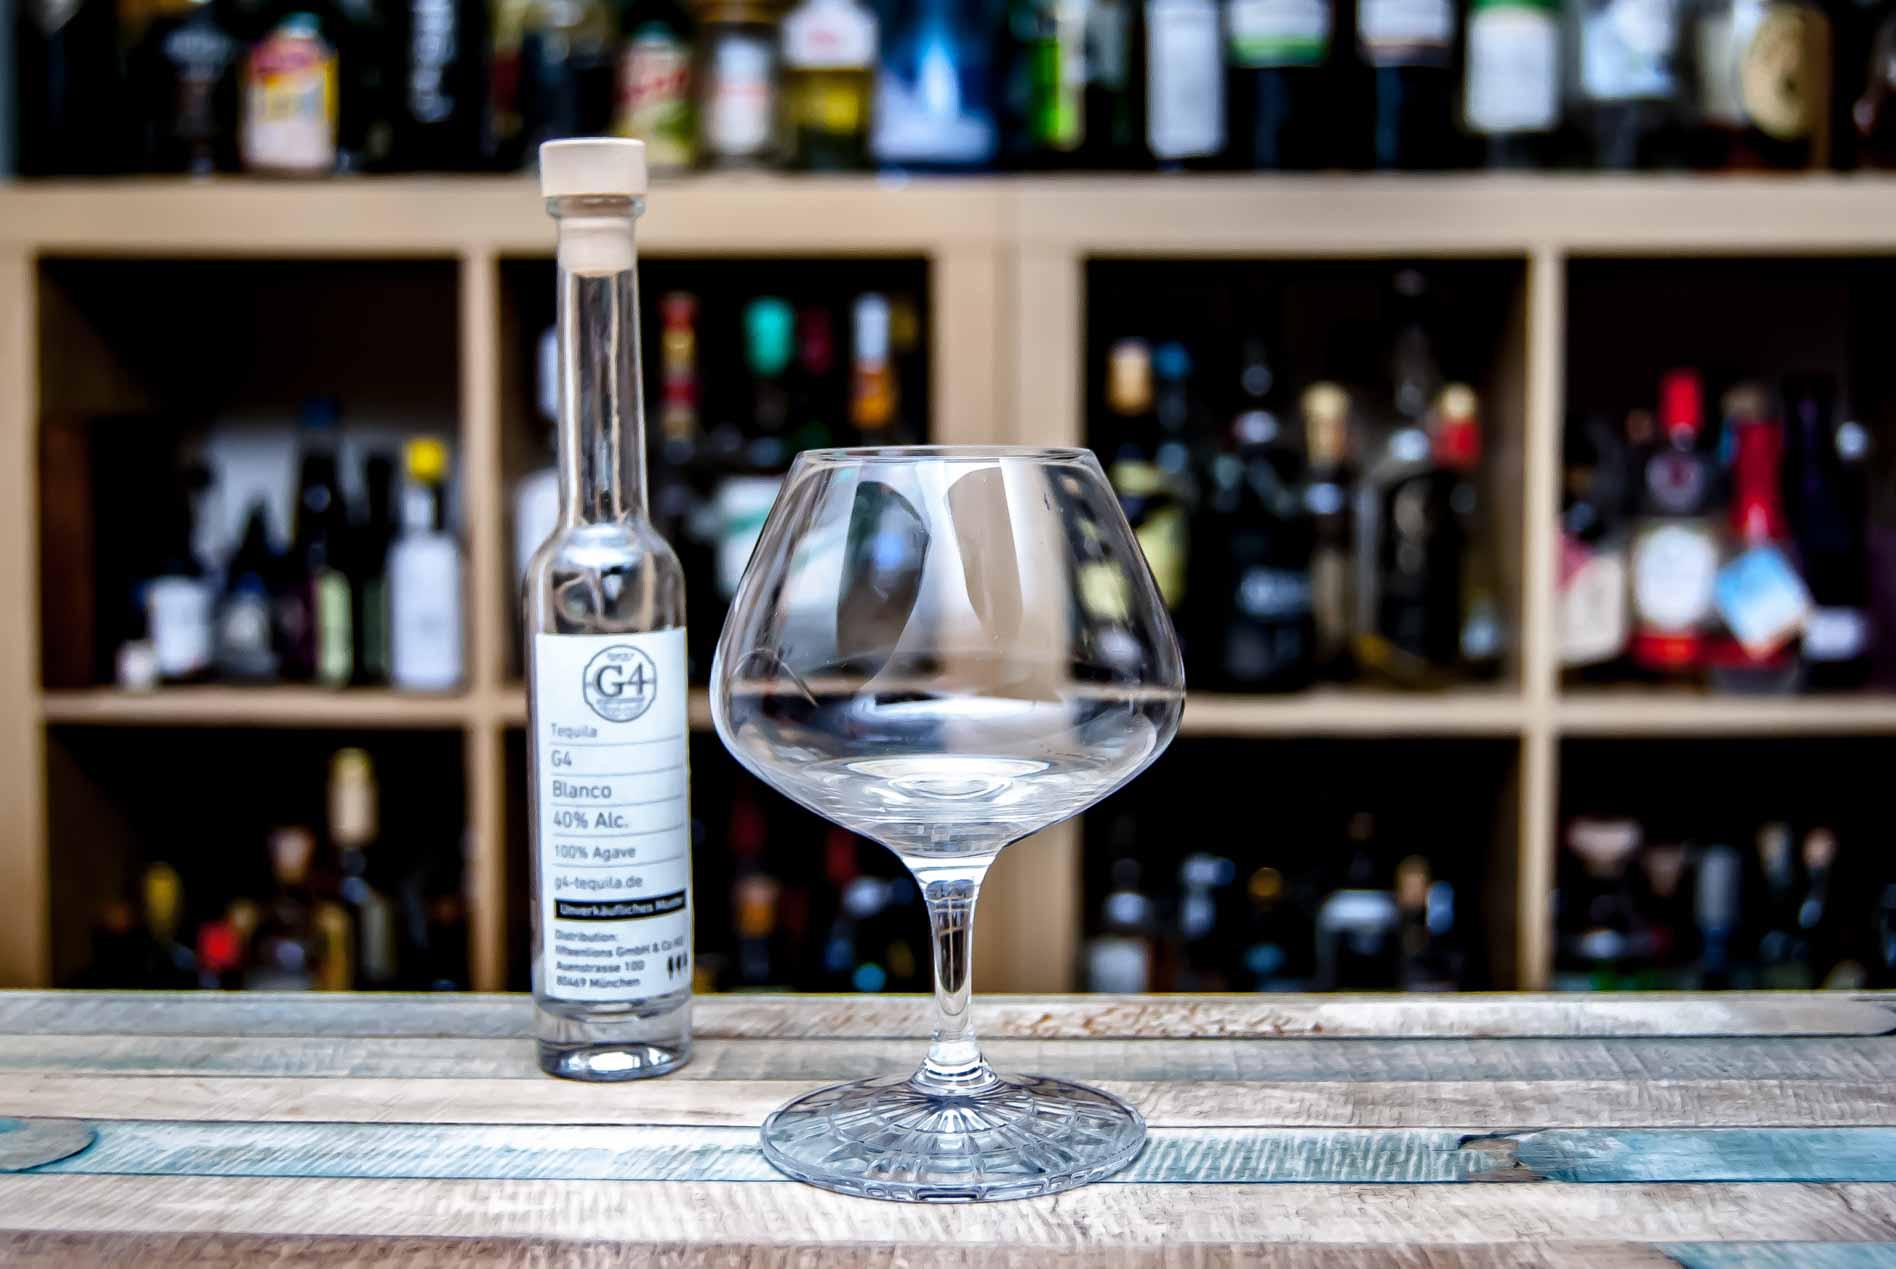 Wir verkosten den G4-Tequila Blanco.